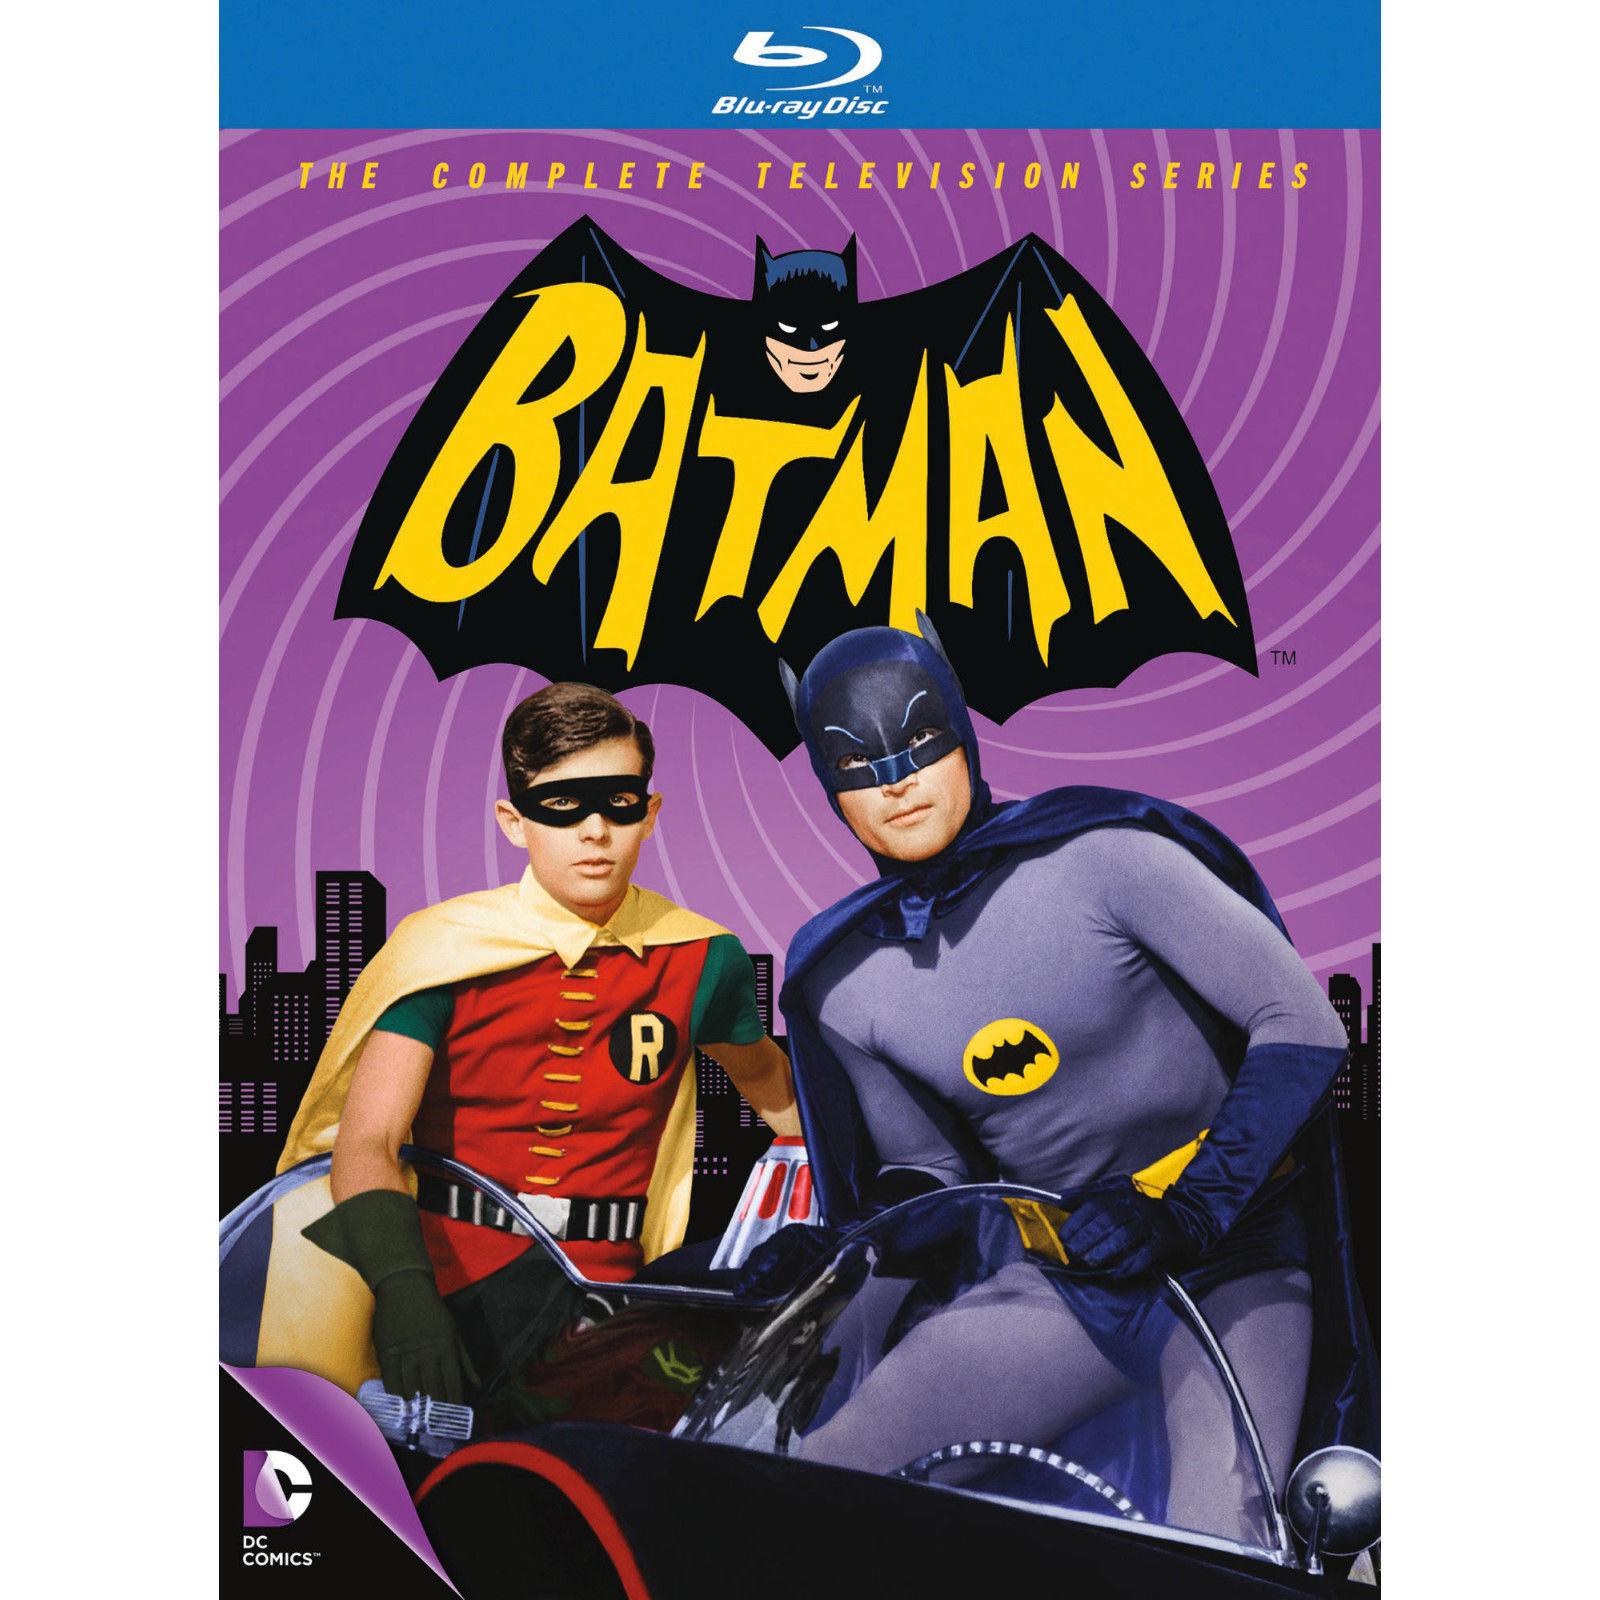 Batman - Die komplette Serie (Blu-ray) für 36,99€ versandkostenfrei (Amazon & Saturn)